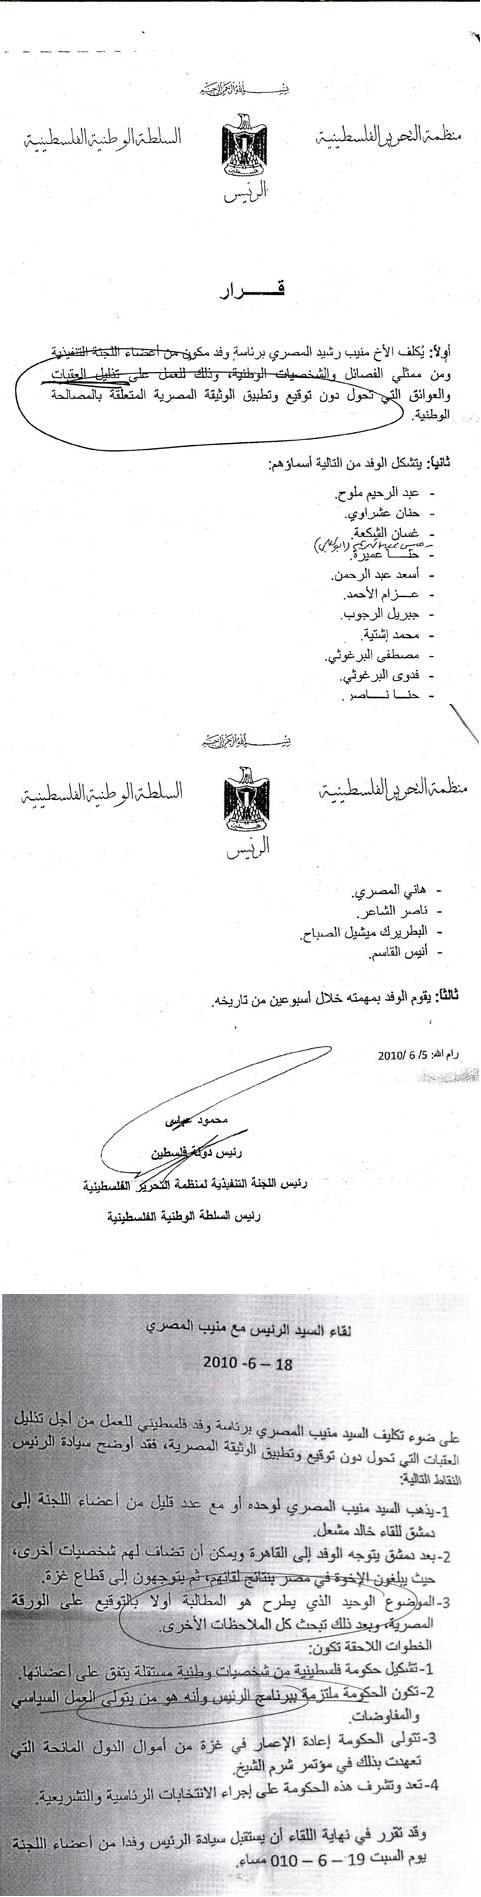 الوثيقة